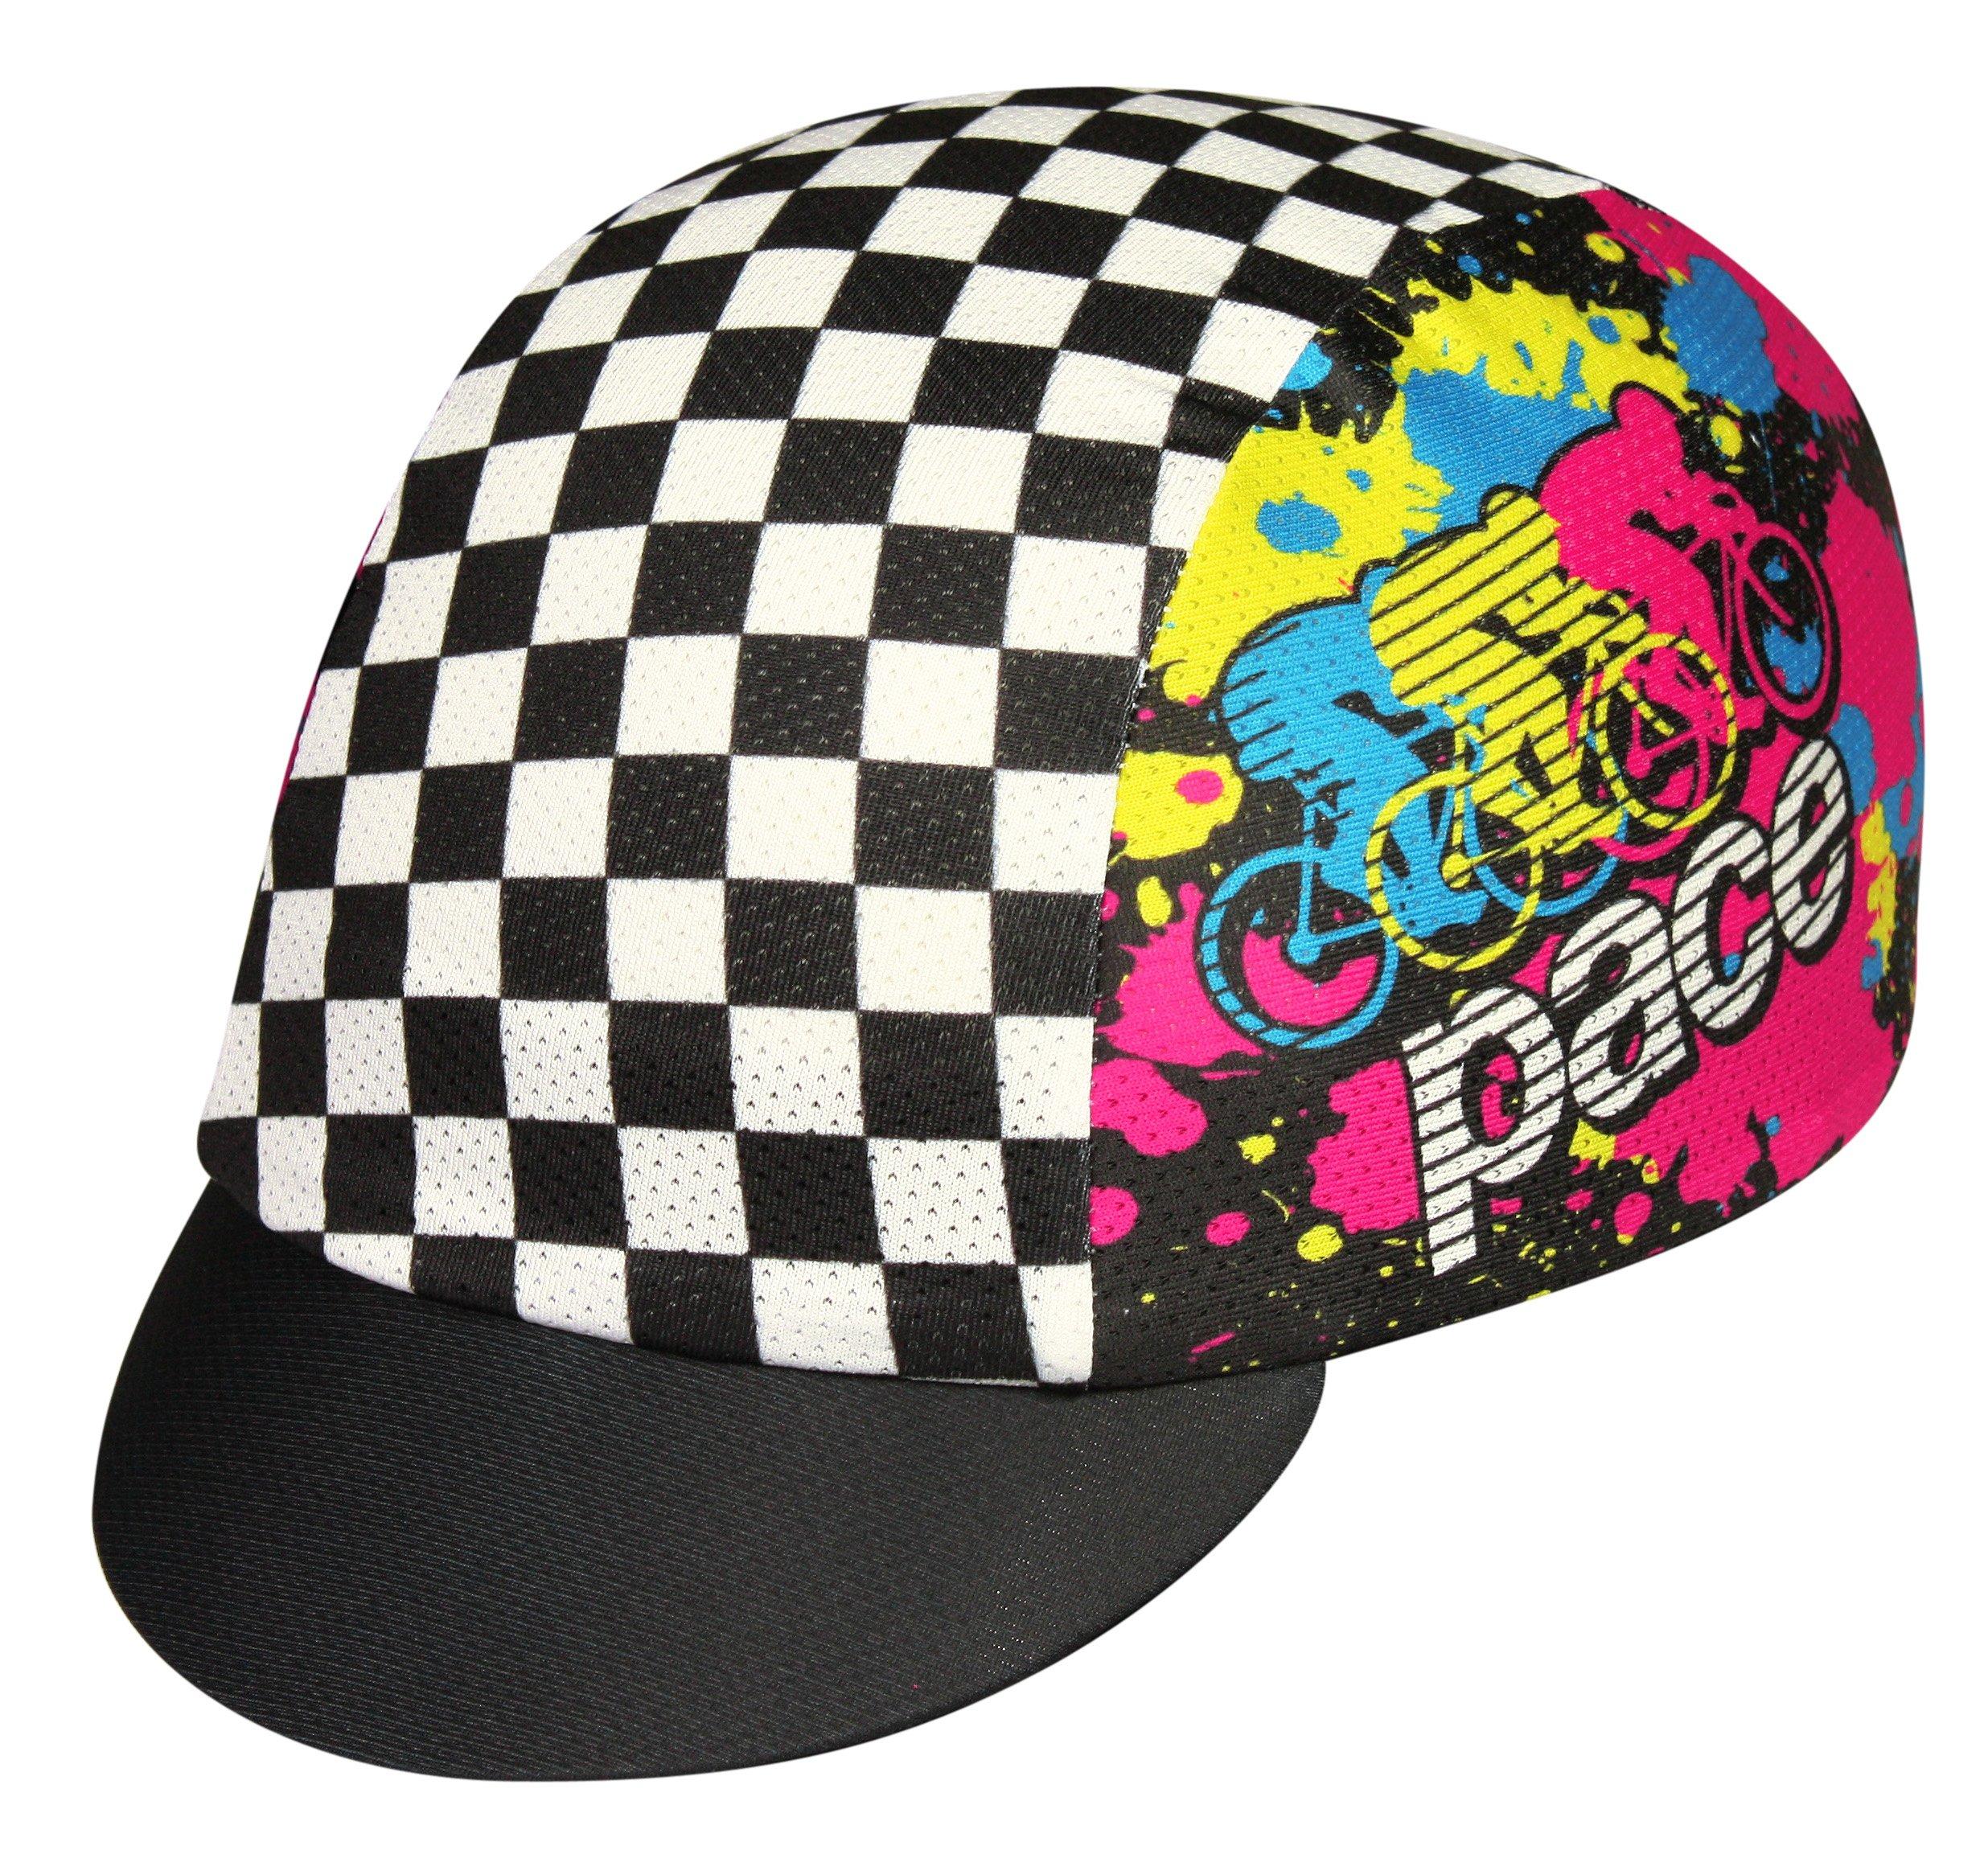 Pace Sportswear Coolmax Pace Sportswear Peloton Cap by Pace Sportswear (Image #1)